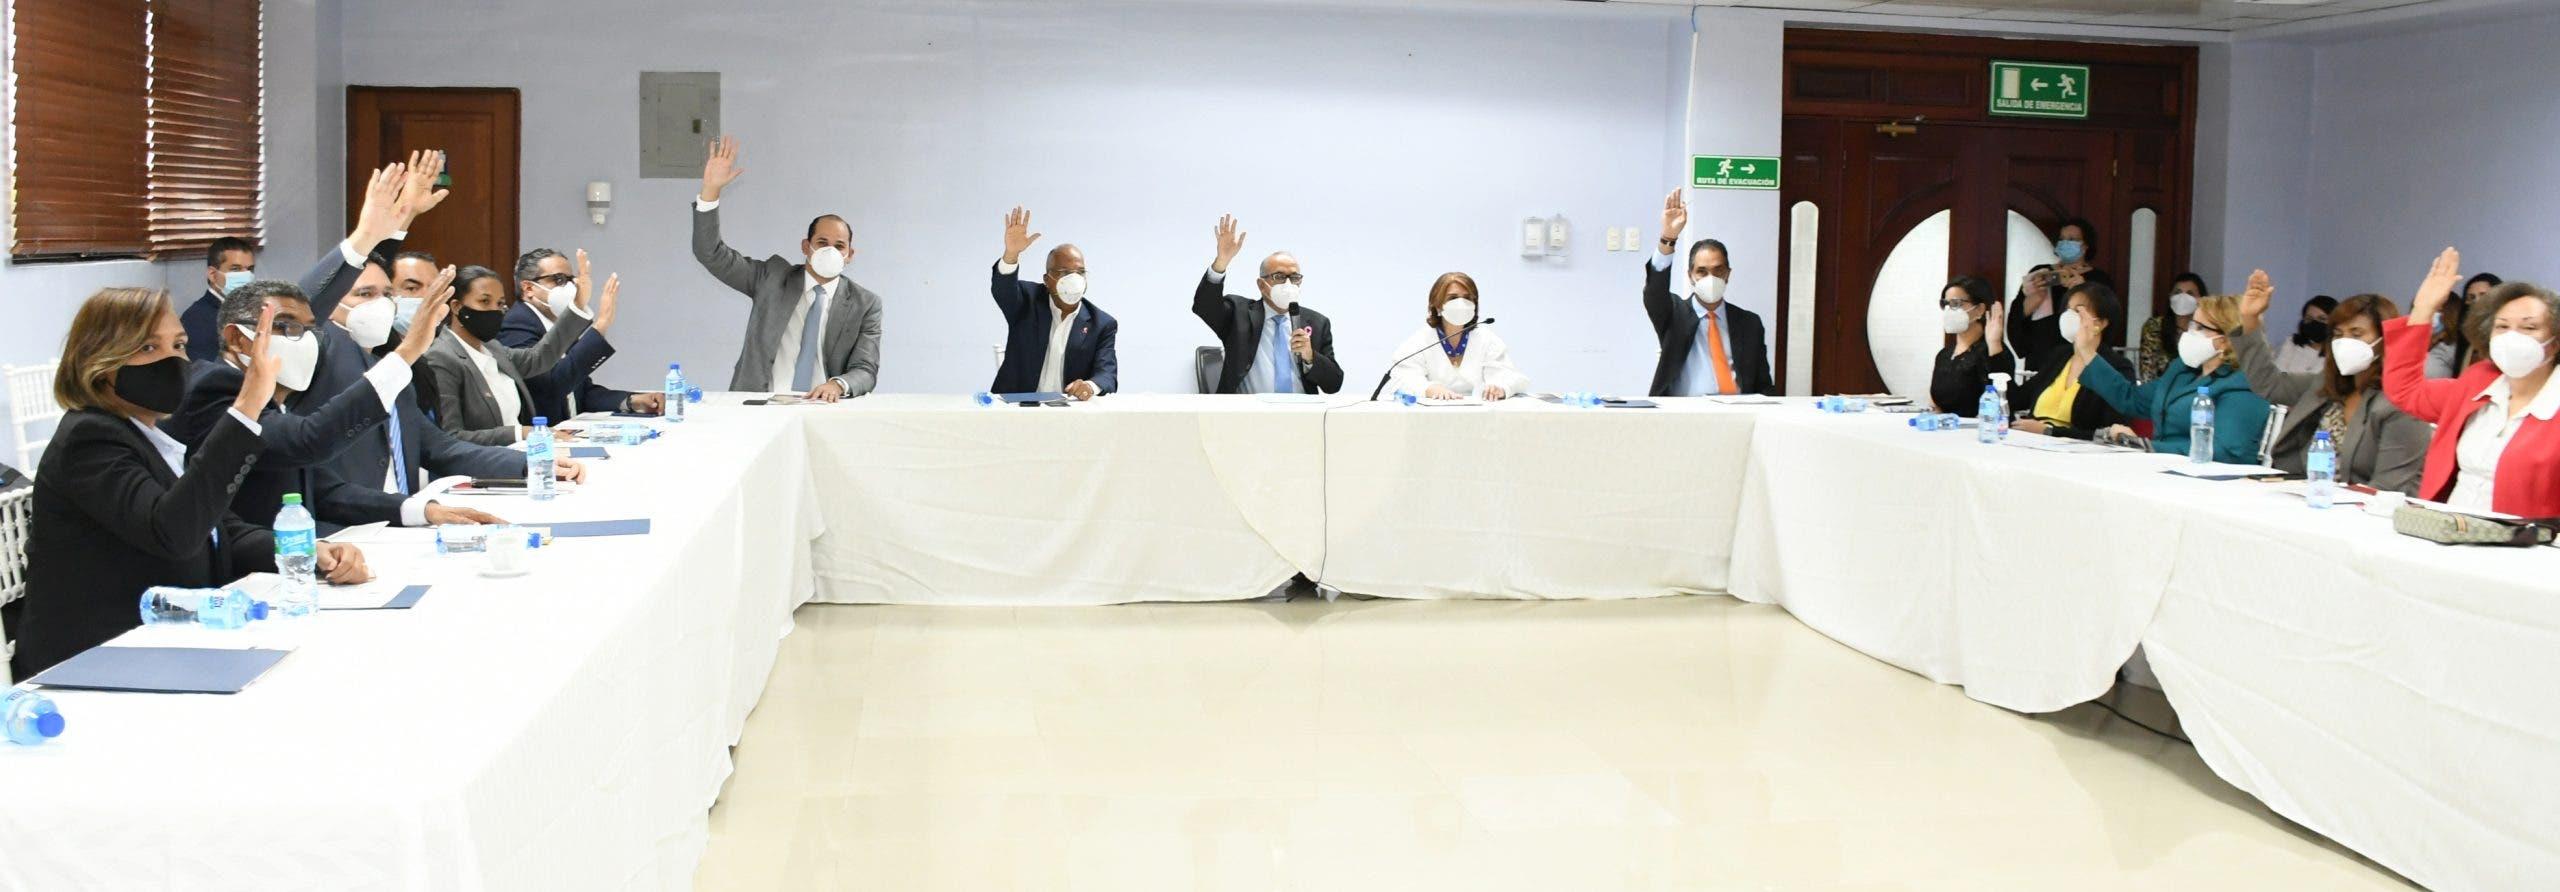 Consejo  escoge terna  para nombramiento de nuevo director ejecutivo CONAVIHSIDA